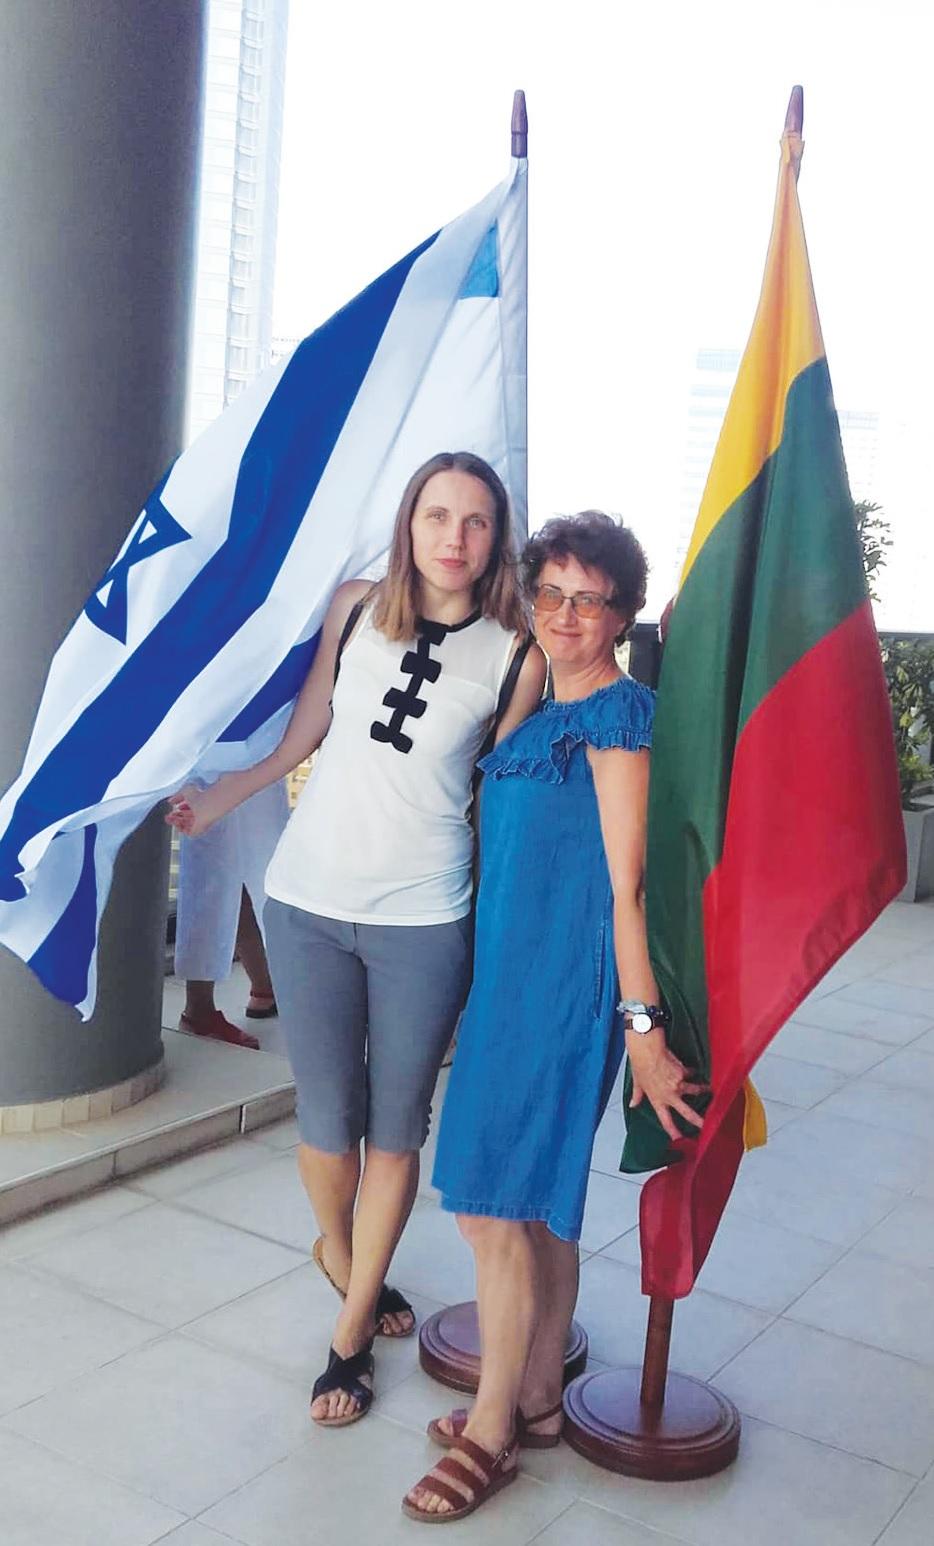 Šiais metais istorijos mokytojos Milda Laucienė ir Jolanta Pleskutė lankėsi tarptautiniame seminare Izraelyje, Jeruzalės mieste.